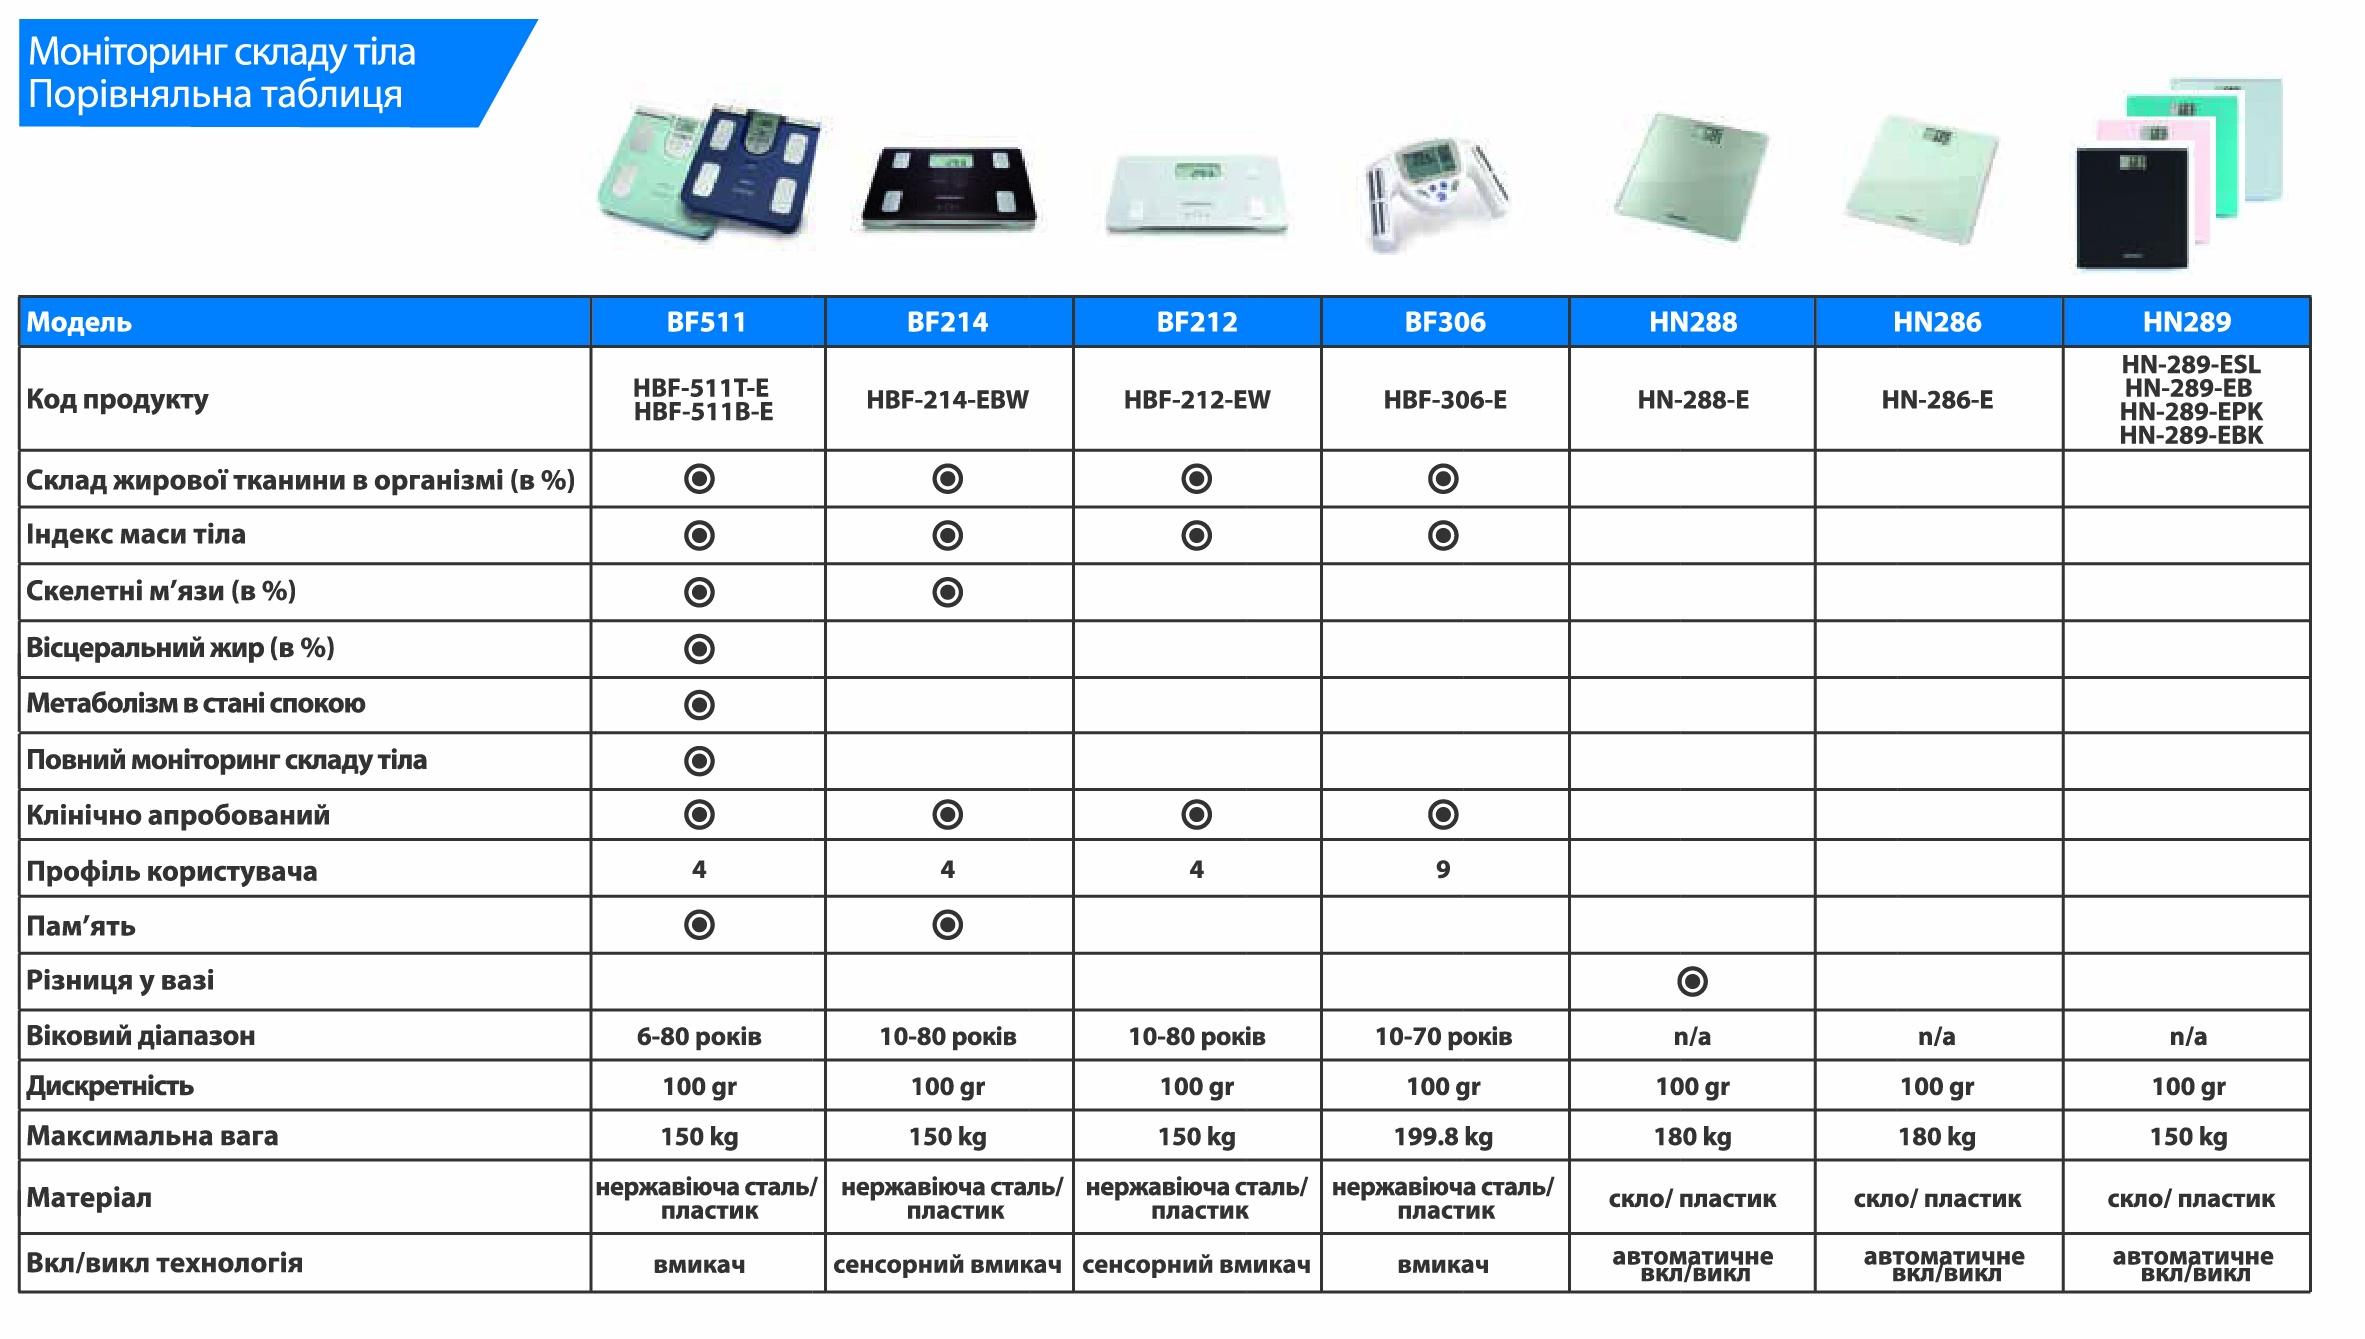 Сравнительная таблица мониторов ключевых параметров тела Omron